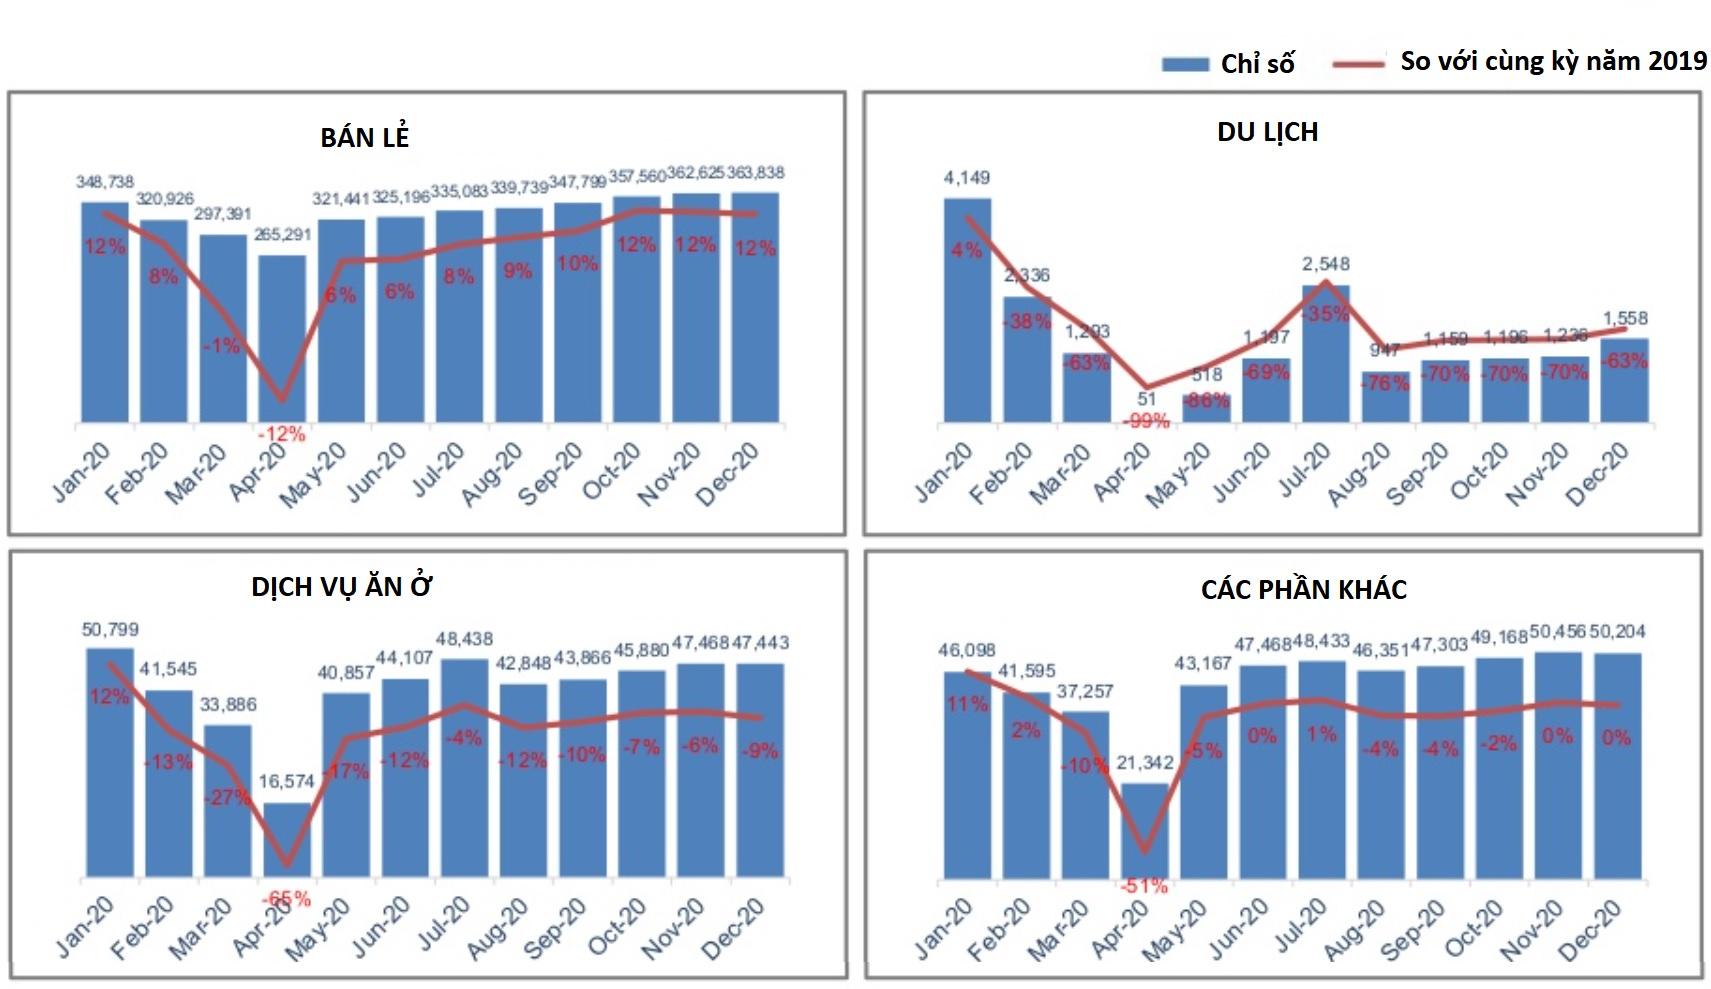 Xu hướng bán lẻ tại thị trường Việt Nam năm 2020